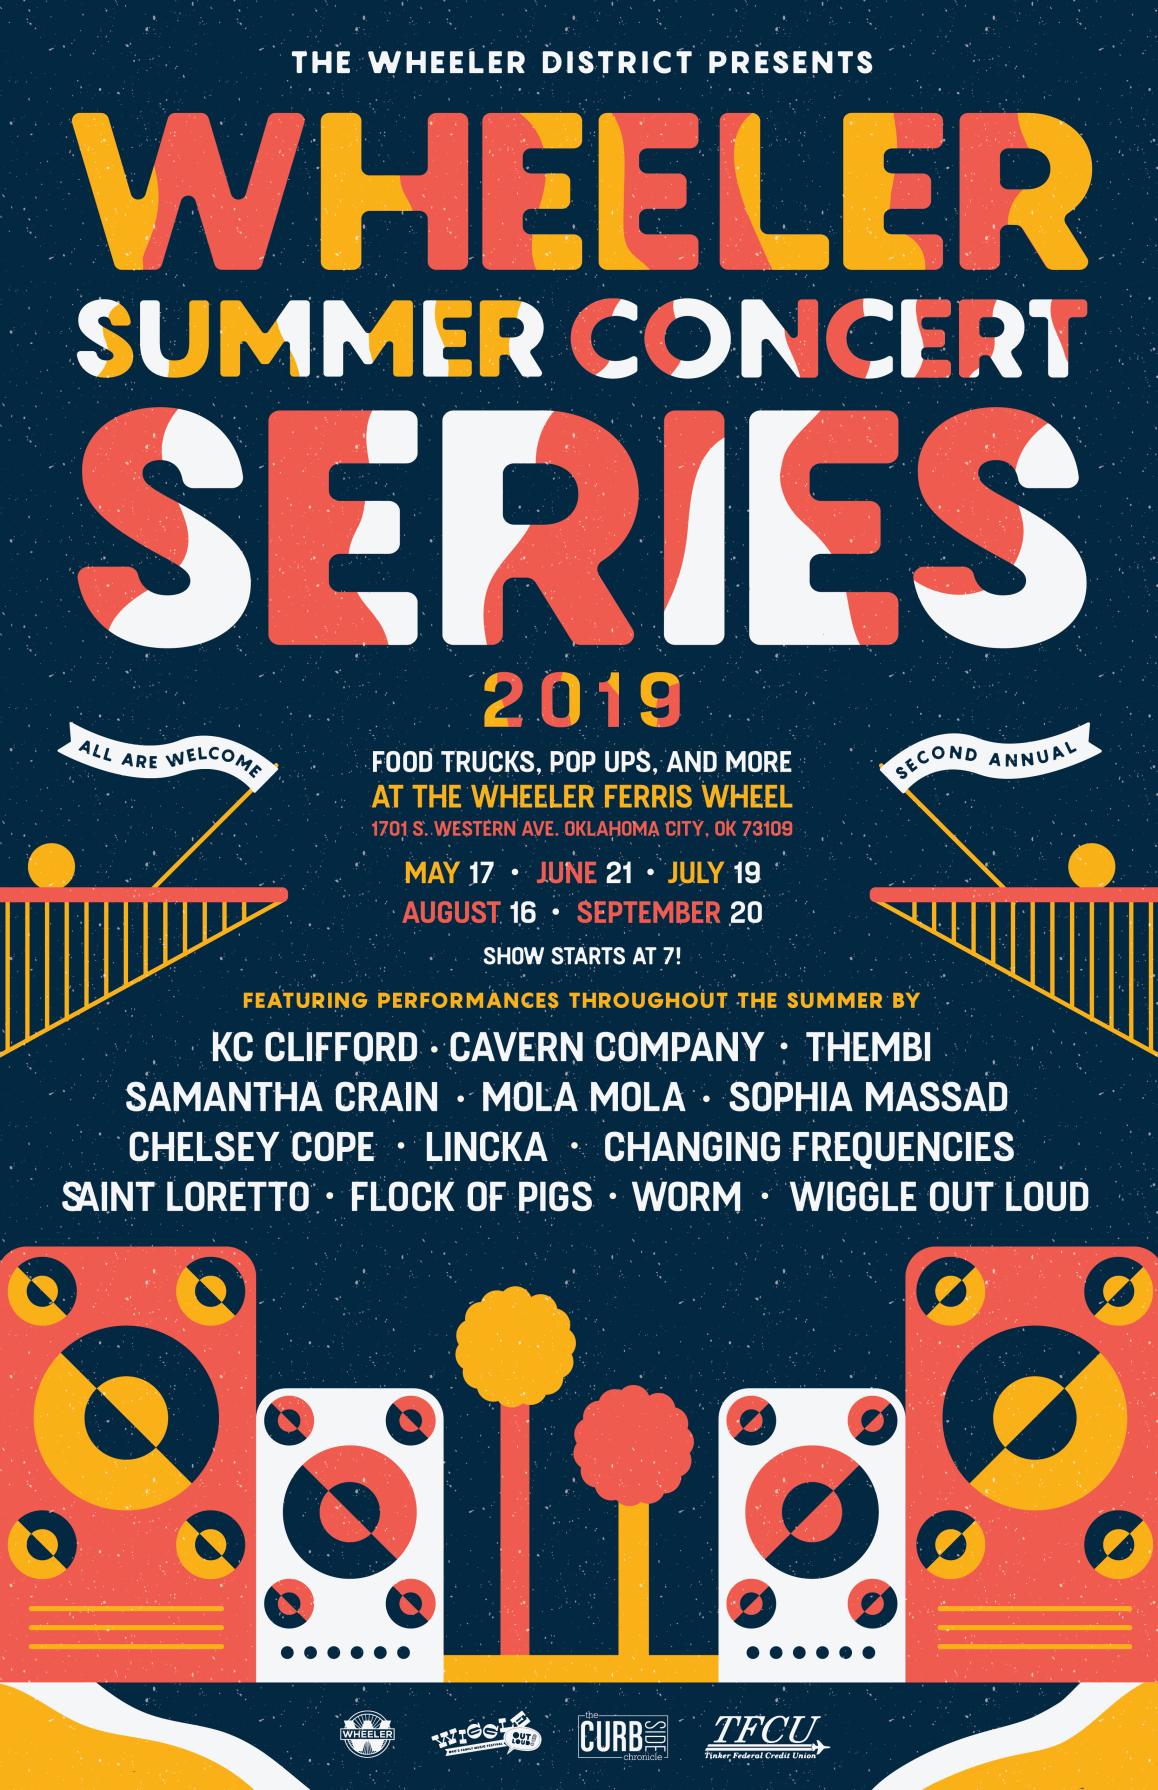 wheeler summer concert series